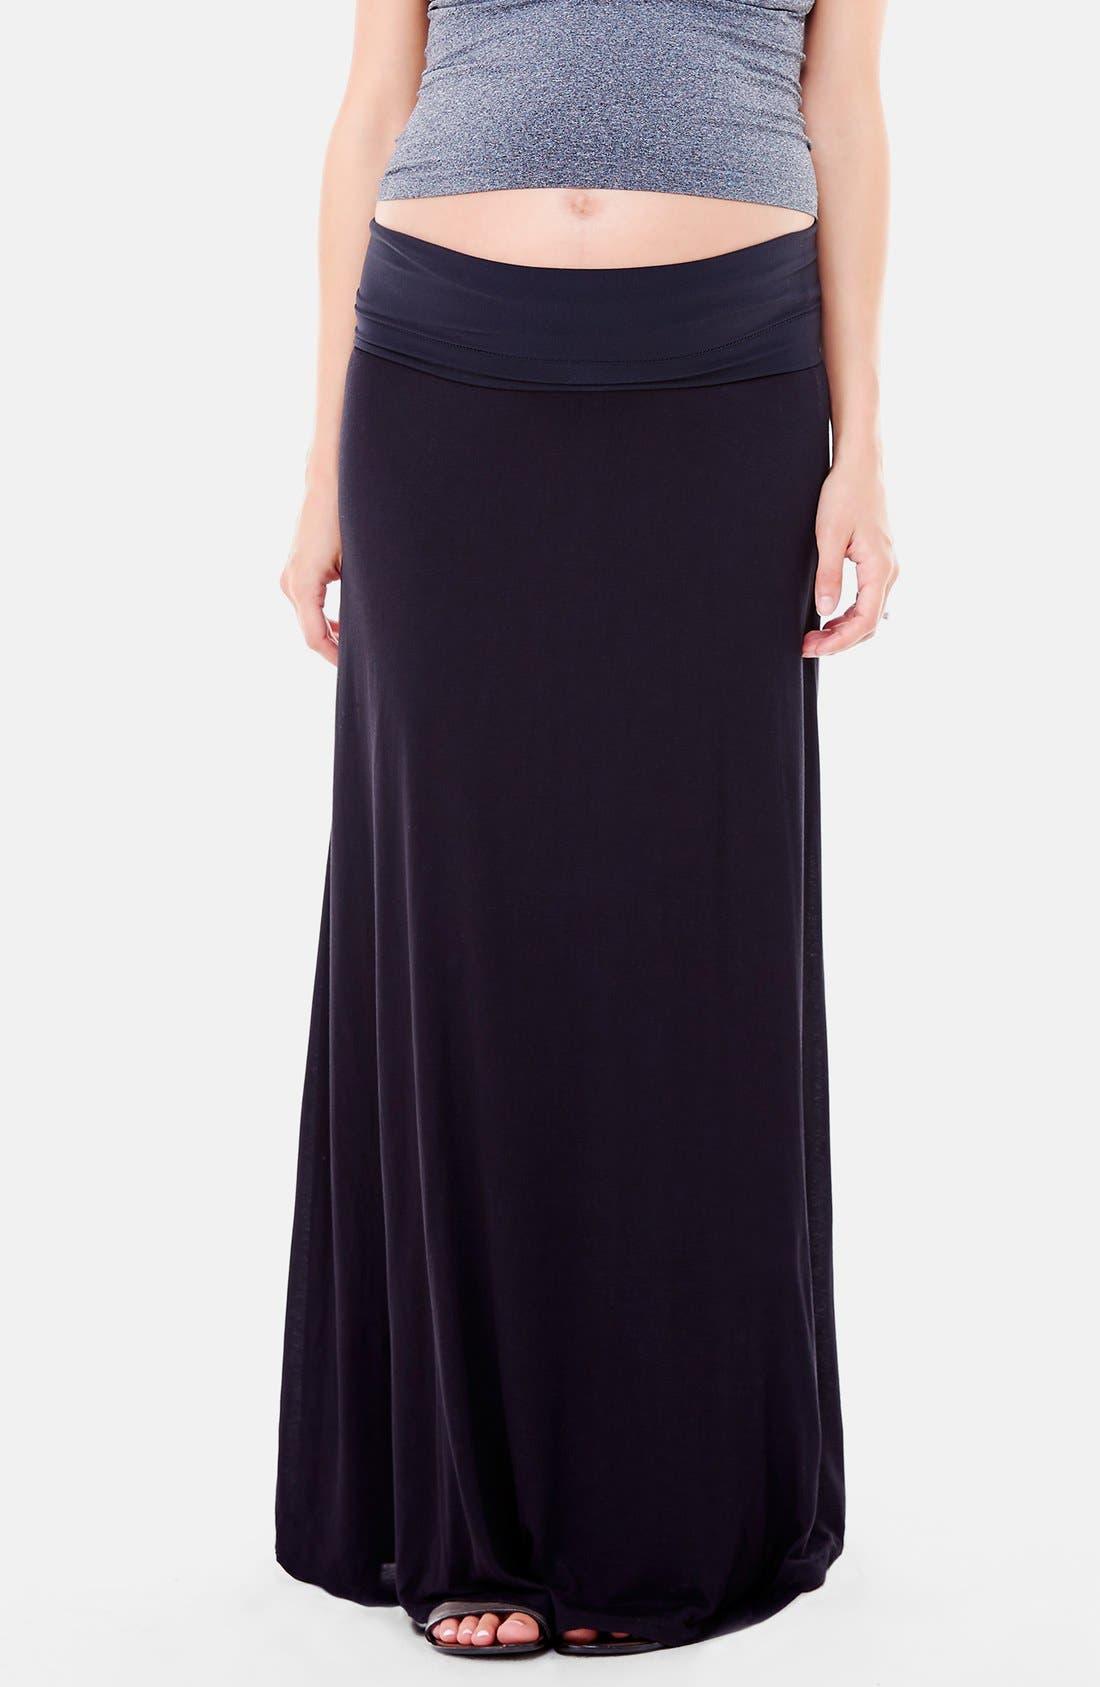 Alternate Image 3  - Ingrid & Isabel®'Flowy' Maxi Maternity Skirt